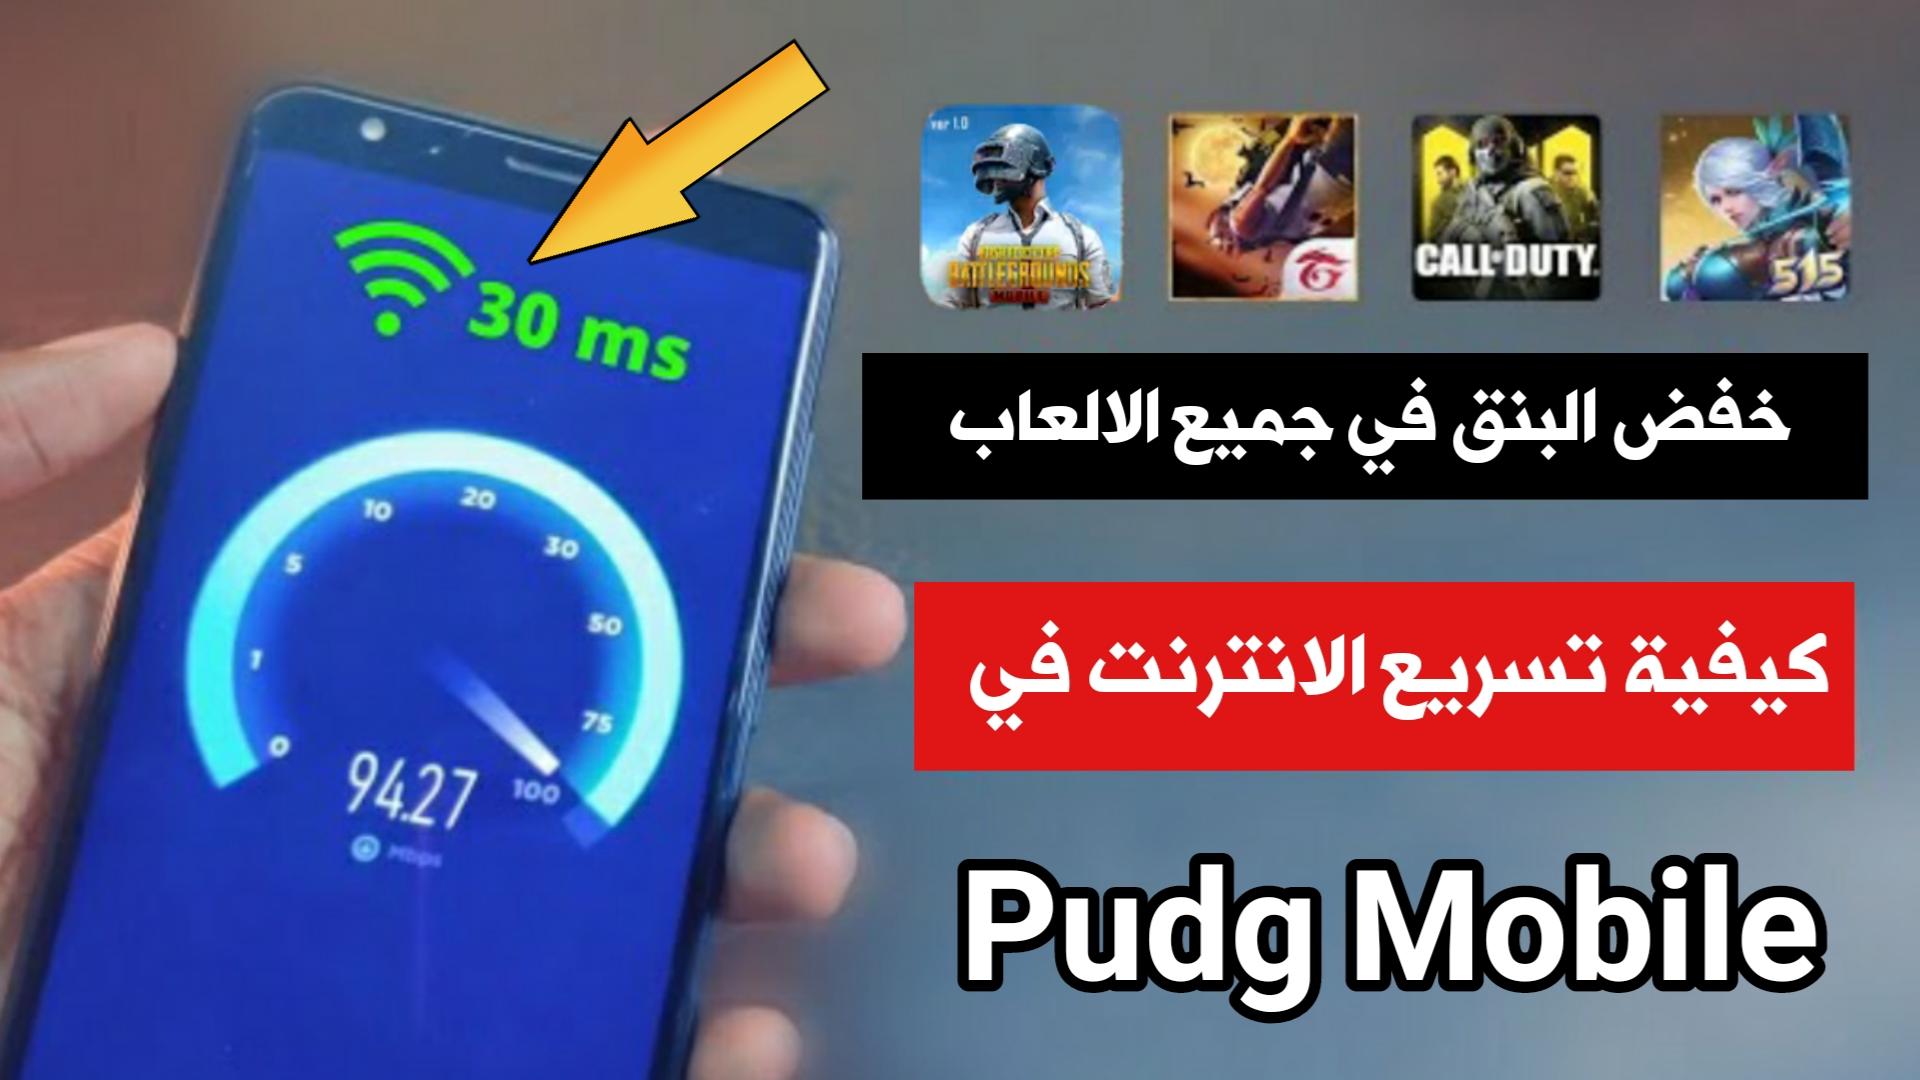 كيفية تسريع الانترنت في Pudg Mobile وأخفض البنق الى 30ms